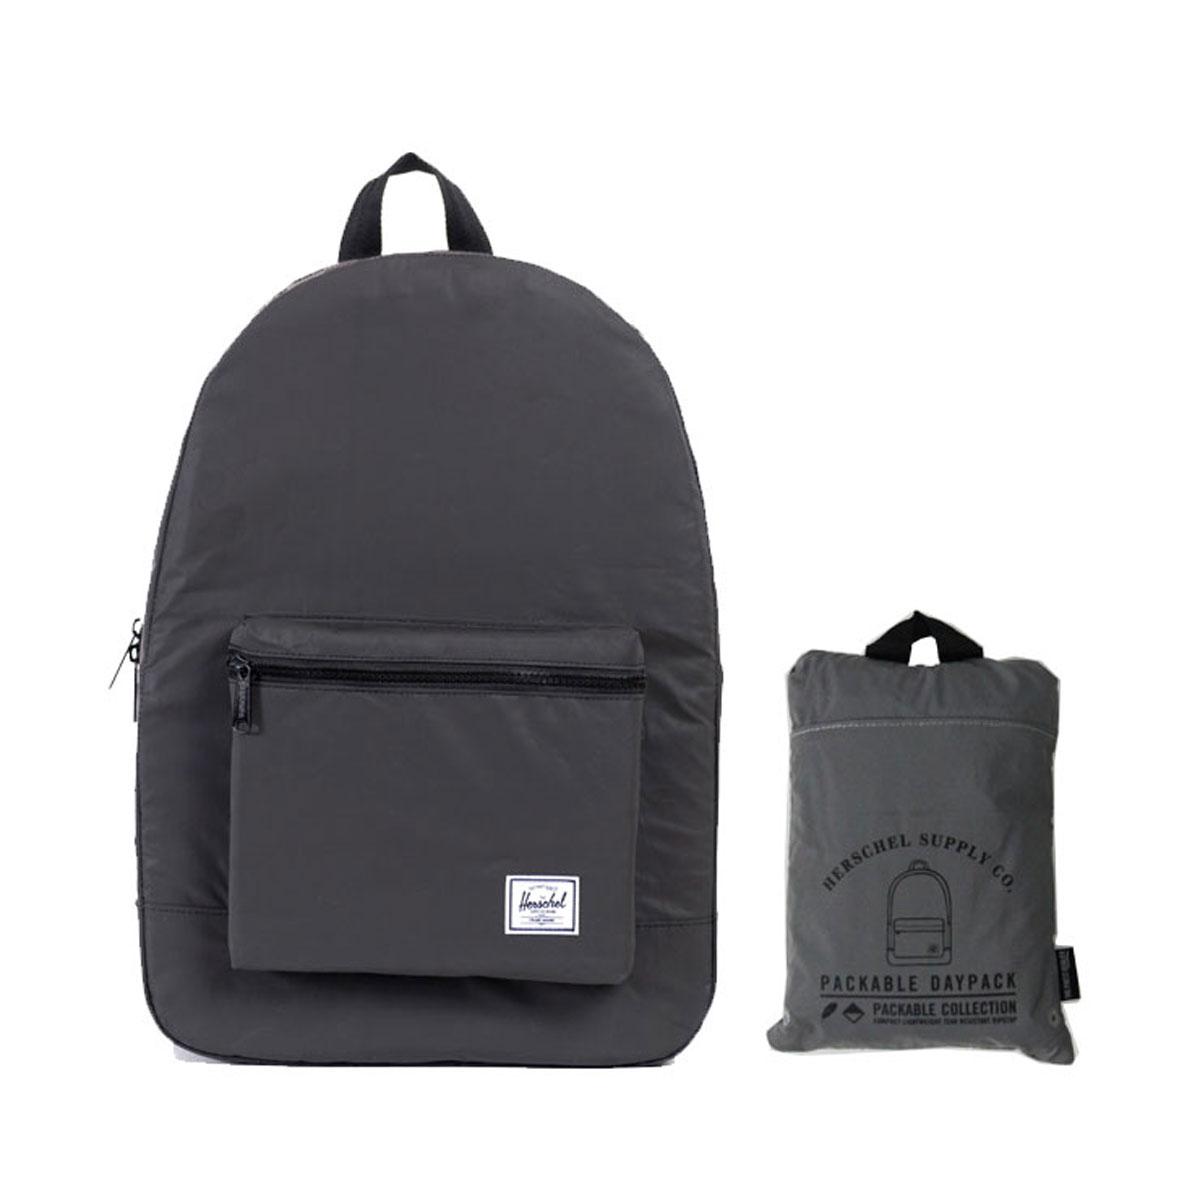 klasyczny styl ekskluzywny asortyment sprzedaje Hershel bag regular store Herschel Supply ハーシャルサプライバッグリュックサック Packable  Daypack - 3M Pack